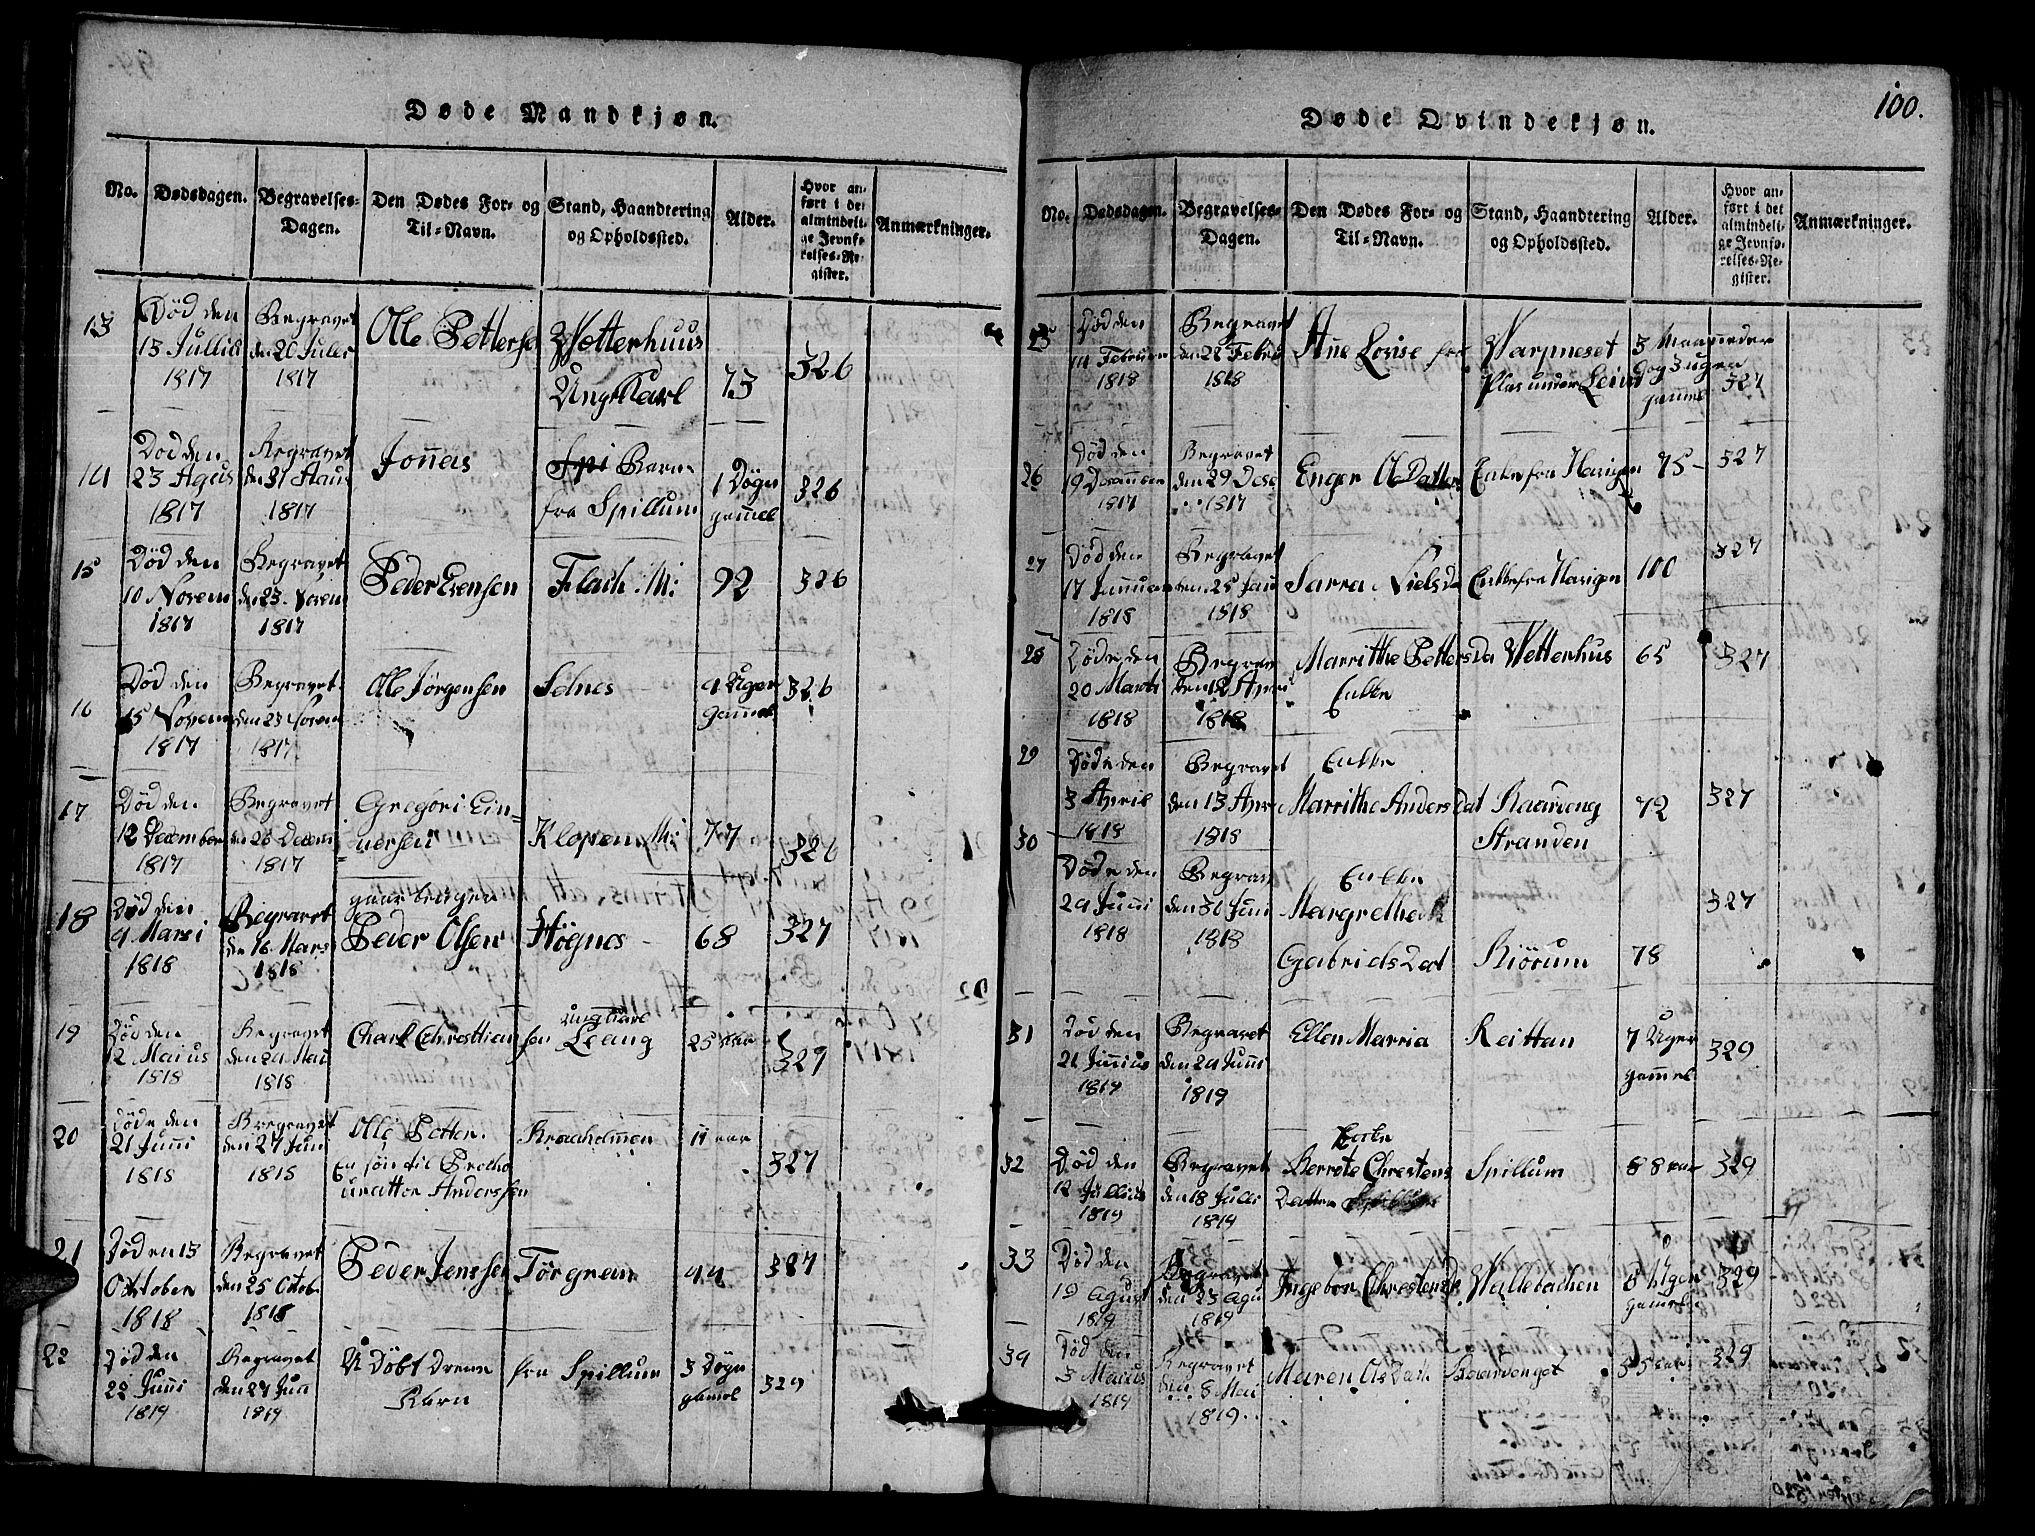 SAT, Ministerialprotokoller, klokkerbøker og fødselsregistre - Nord-Trøndelag, 770/L0590: Klokkerbok nr. 770C01, 1815-1824, s. 100